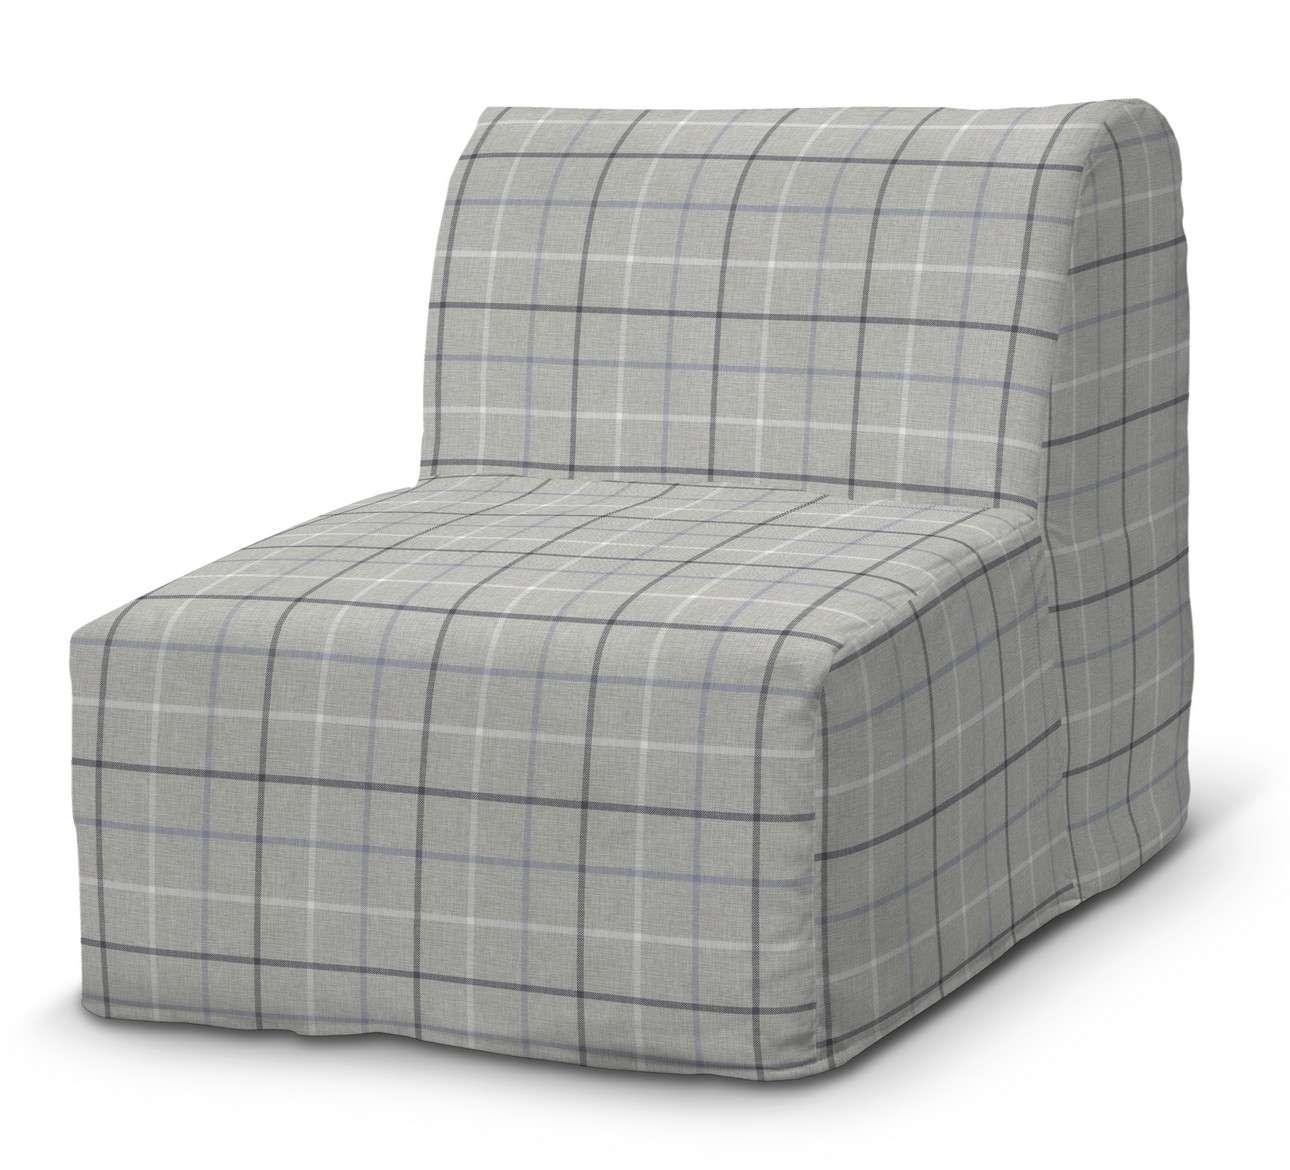 Pokrowiec na fotel Lycksele prosty w kolekcji Edinburgh, tkanina: 703-18